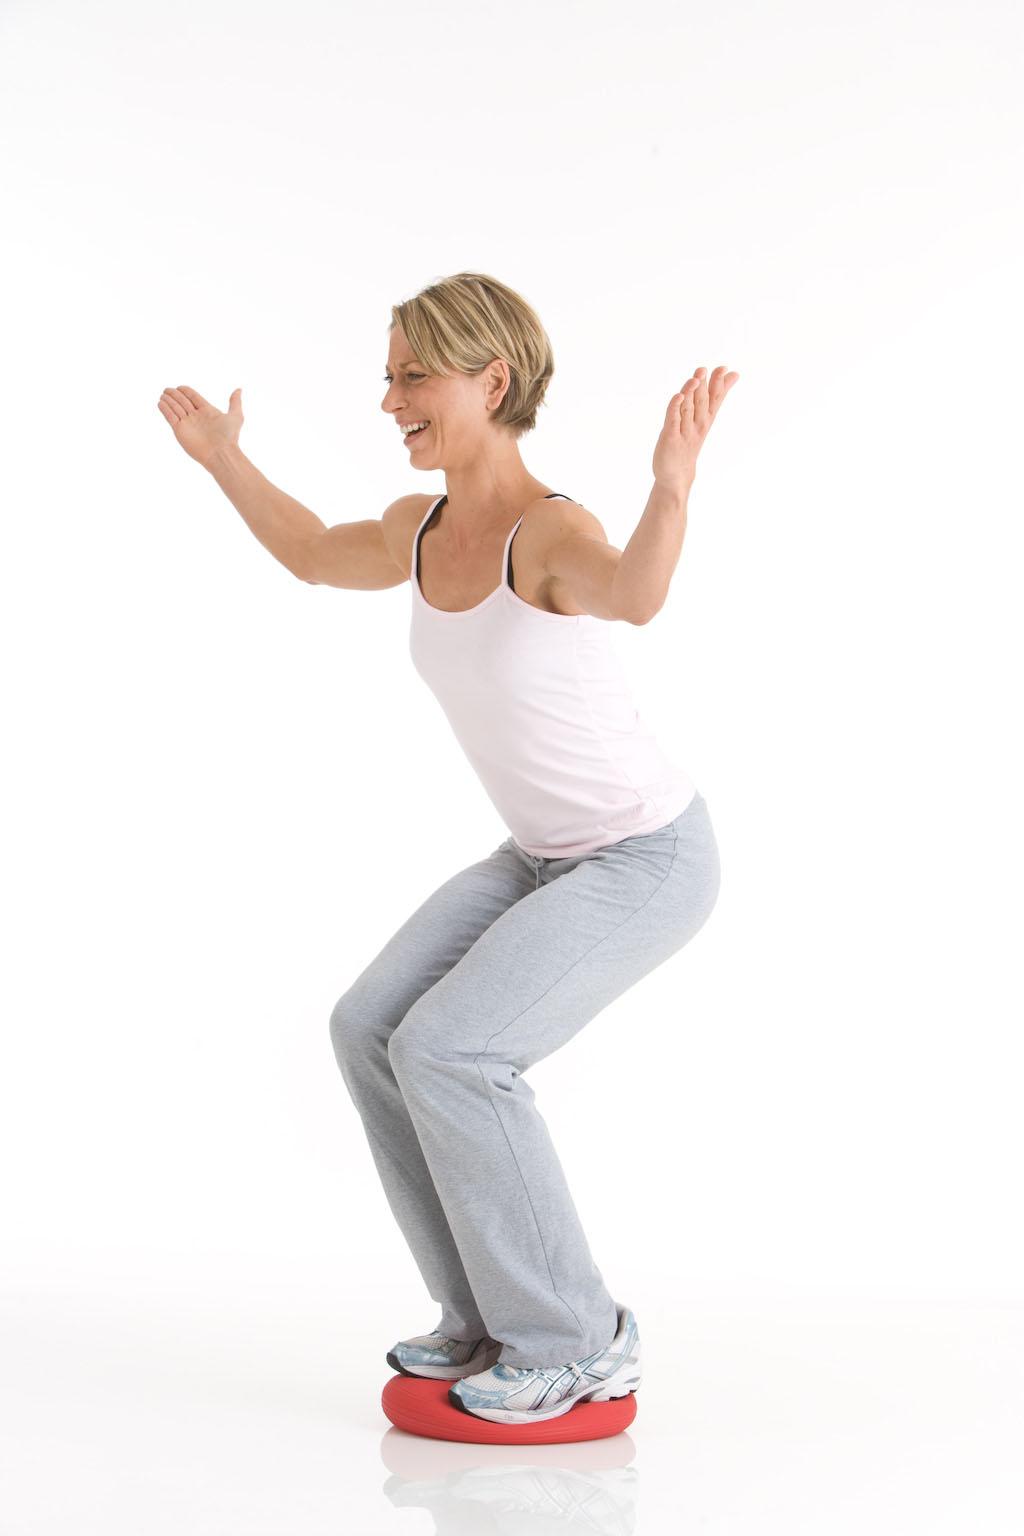 Dynair Ballkissen -  Kleingrät fürs Gleichgewicht-Übungen